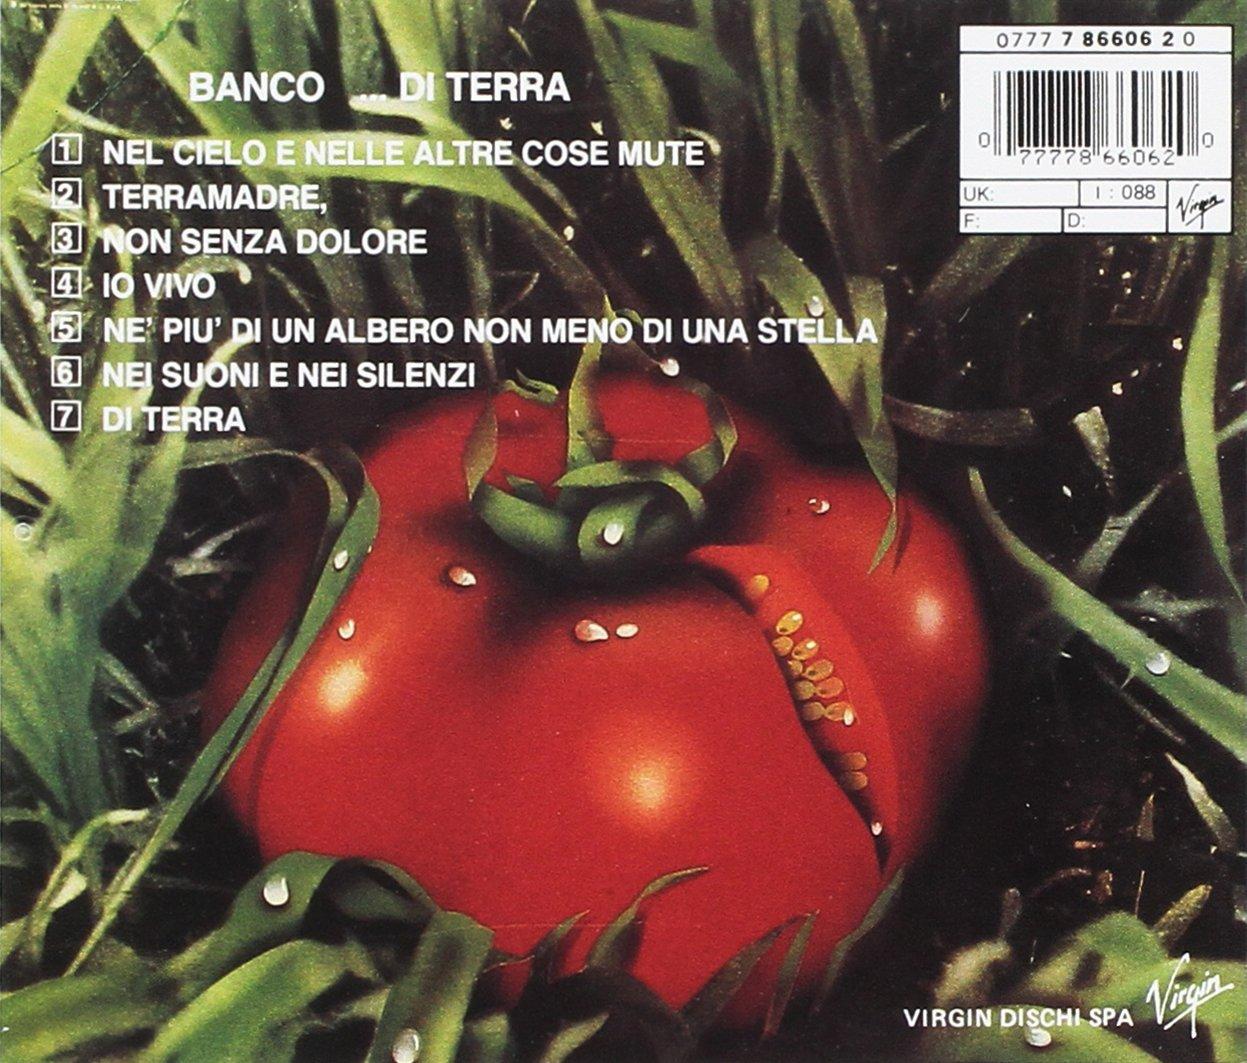 Banco Del Mutuo Soccorso - Di Terra - Amazon.com Music on